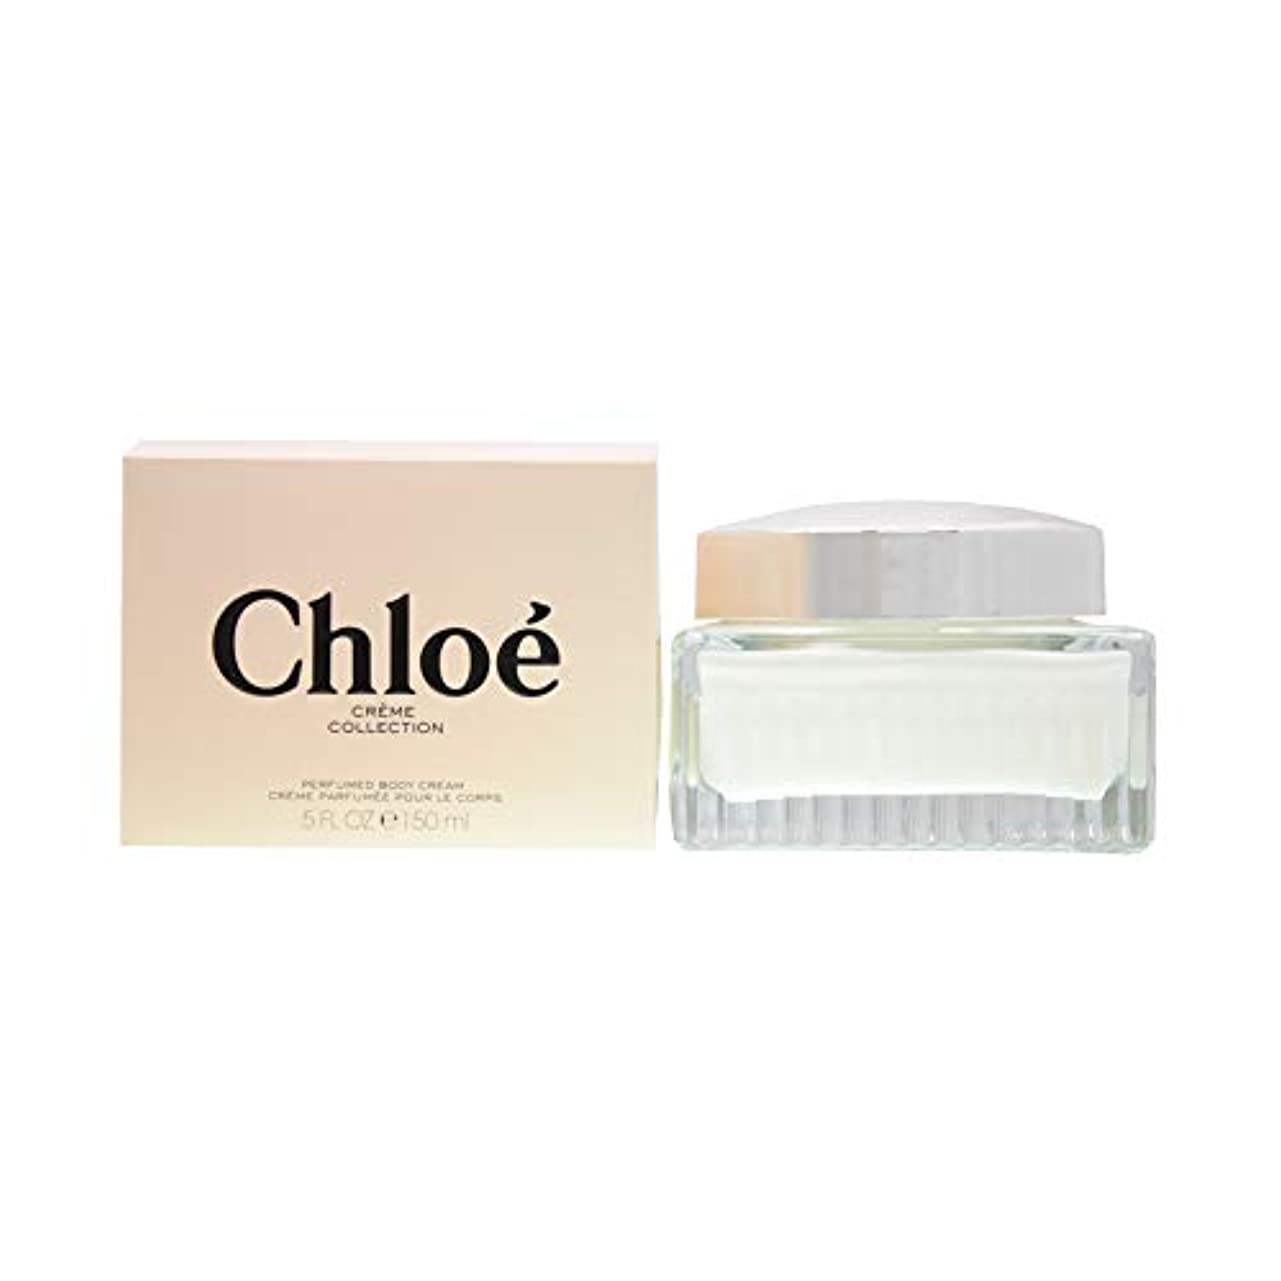 改善する可能にする付録クロエ chloe パフューム ボディクリーム 150ml レディース 「クロエ オードパルファム」の香りからインスパイアされ誕生したボディークリーム [並行輸入品]